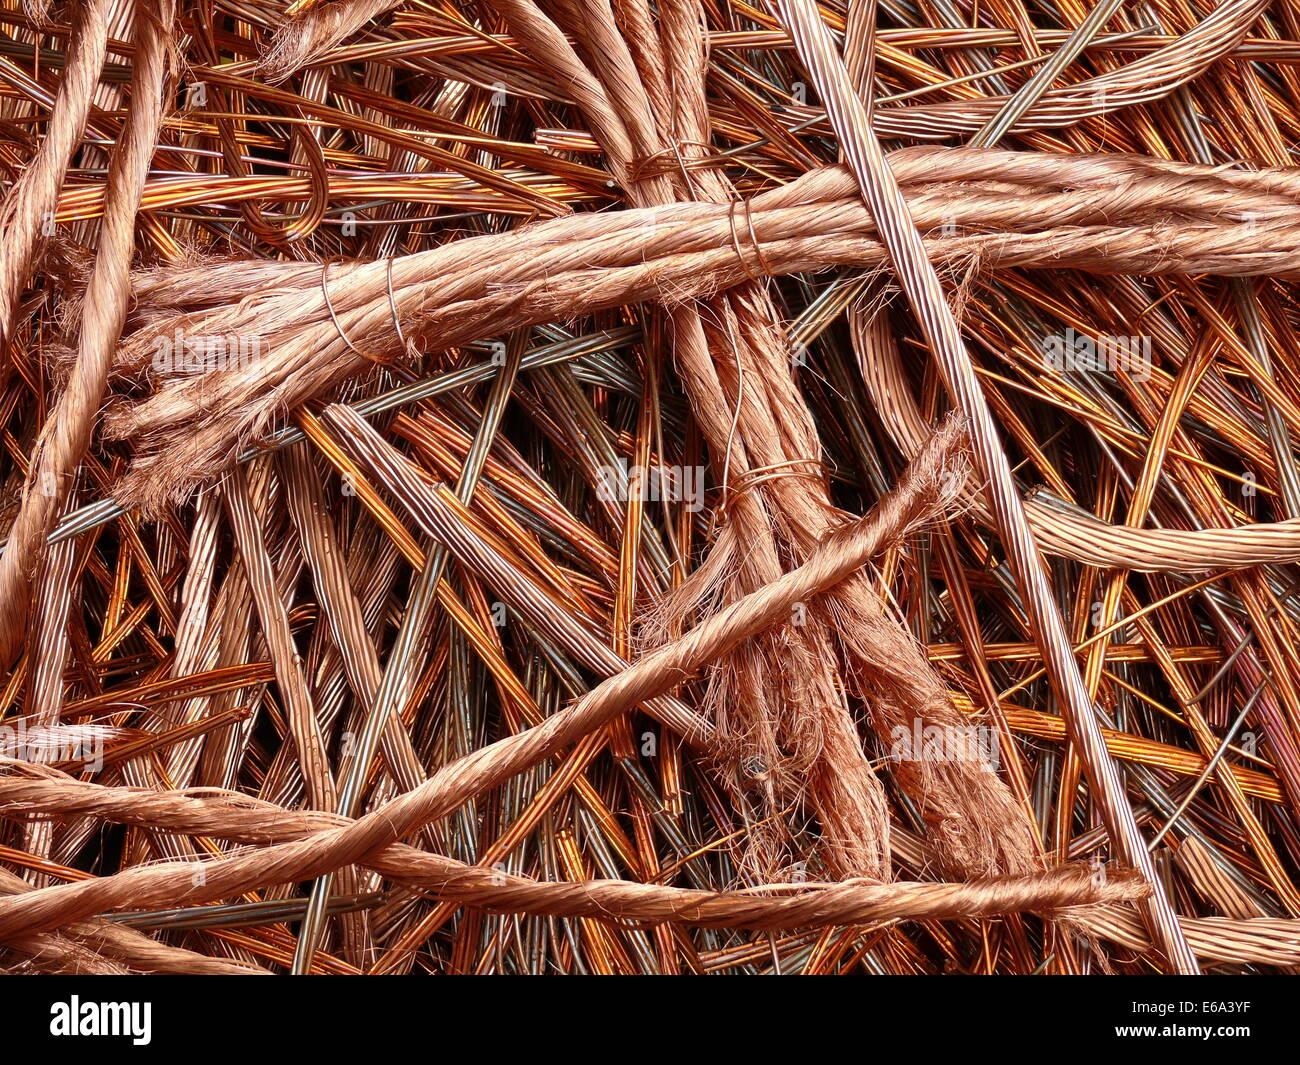 copper,copper cable - Stock Image